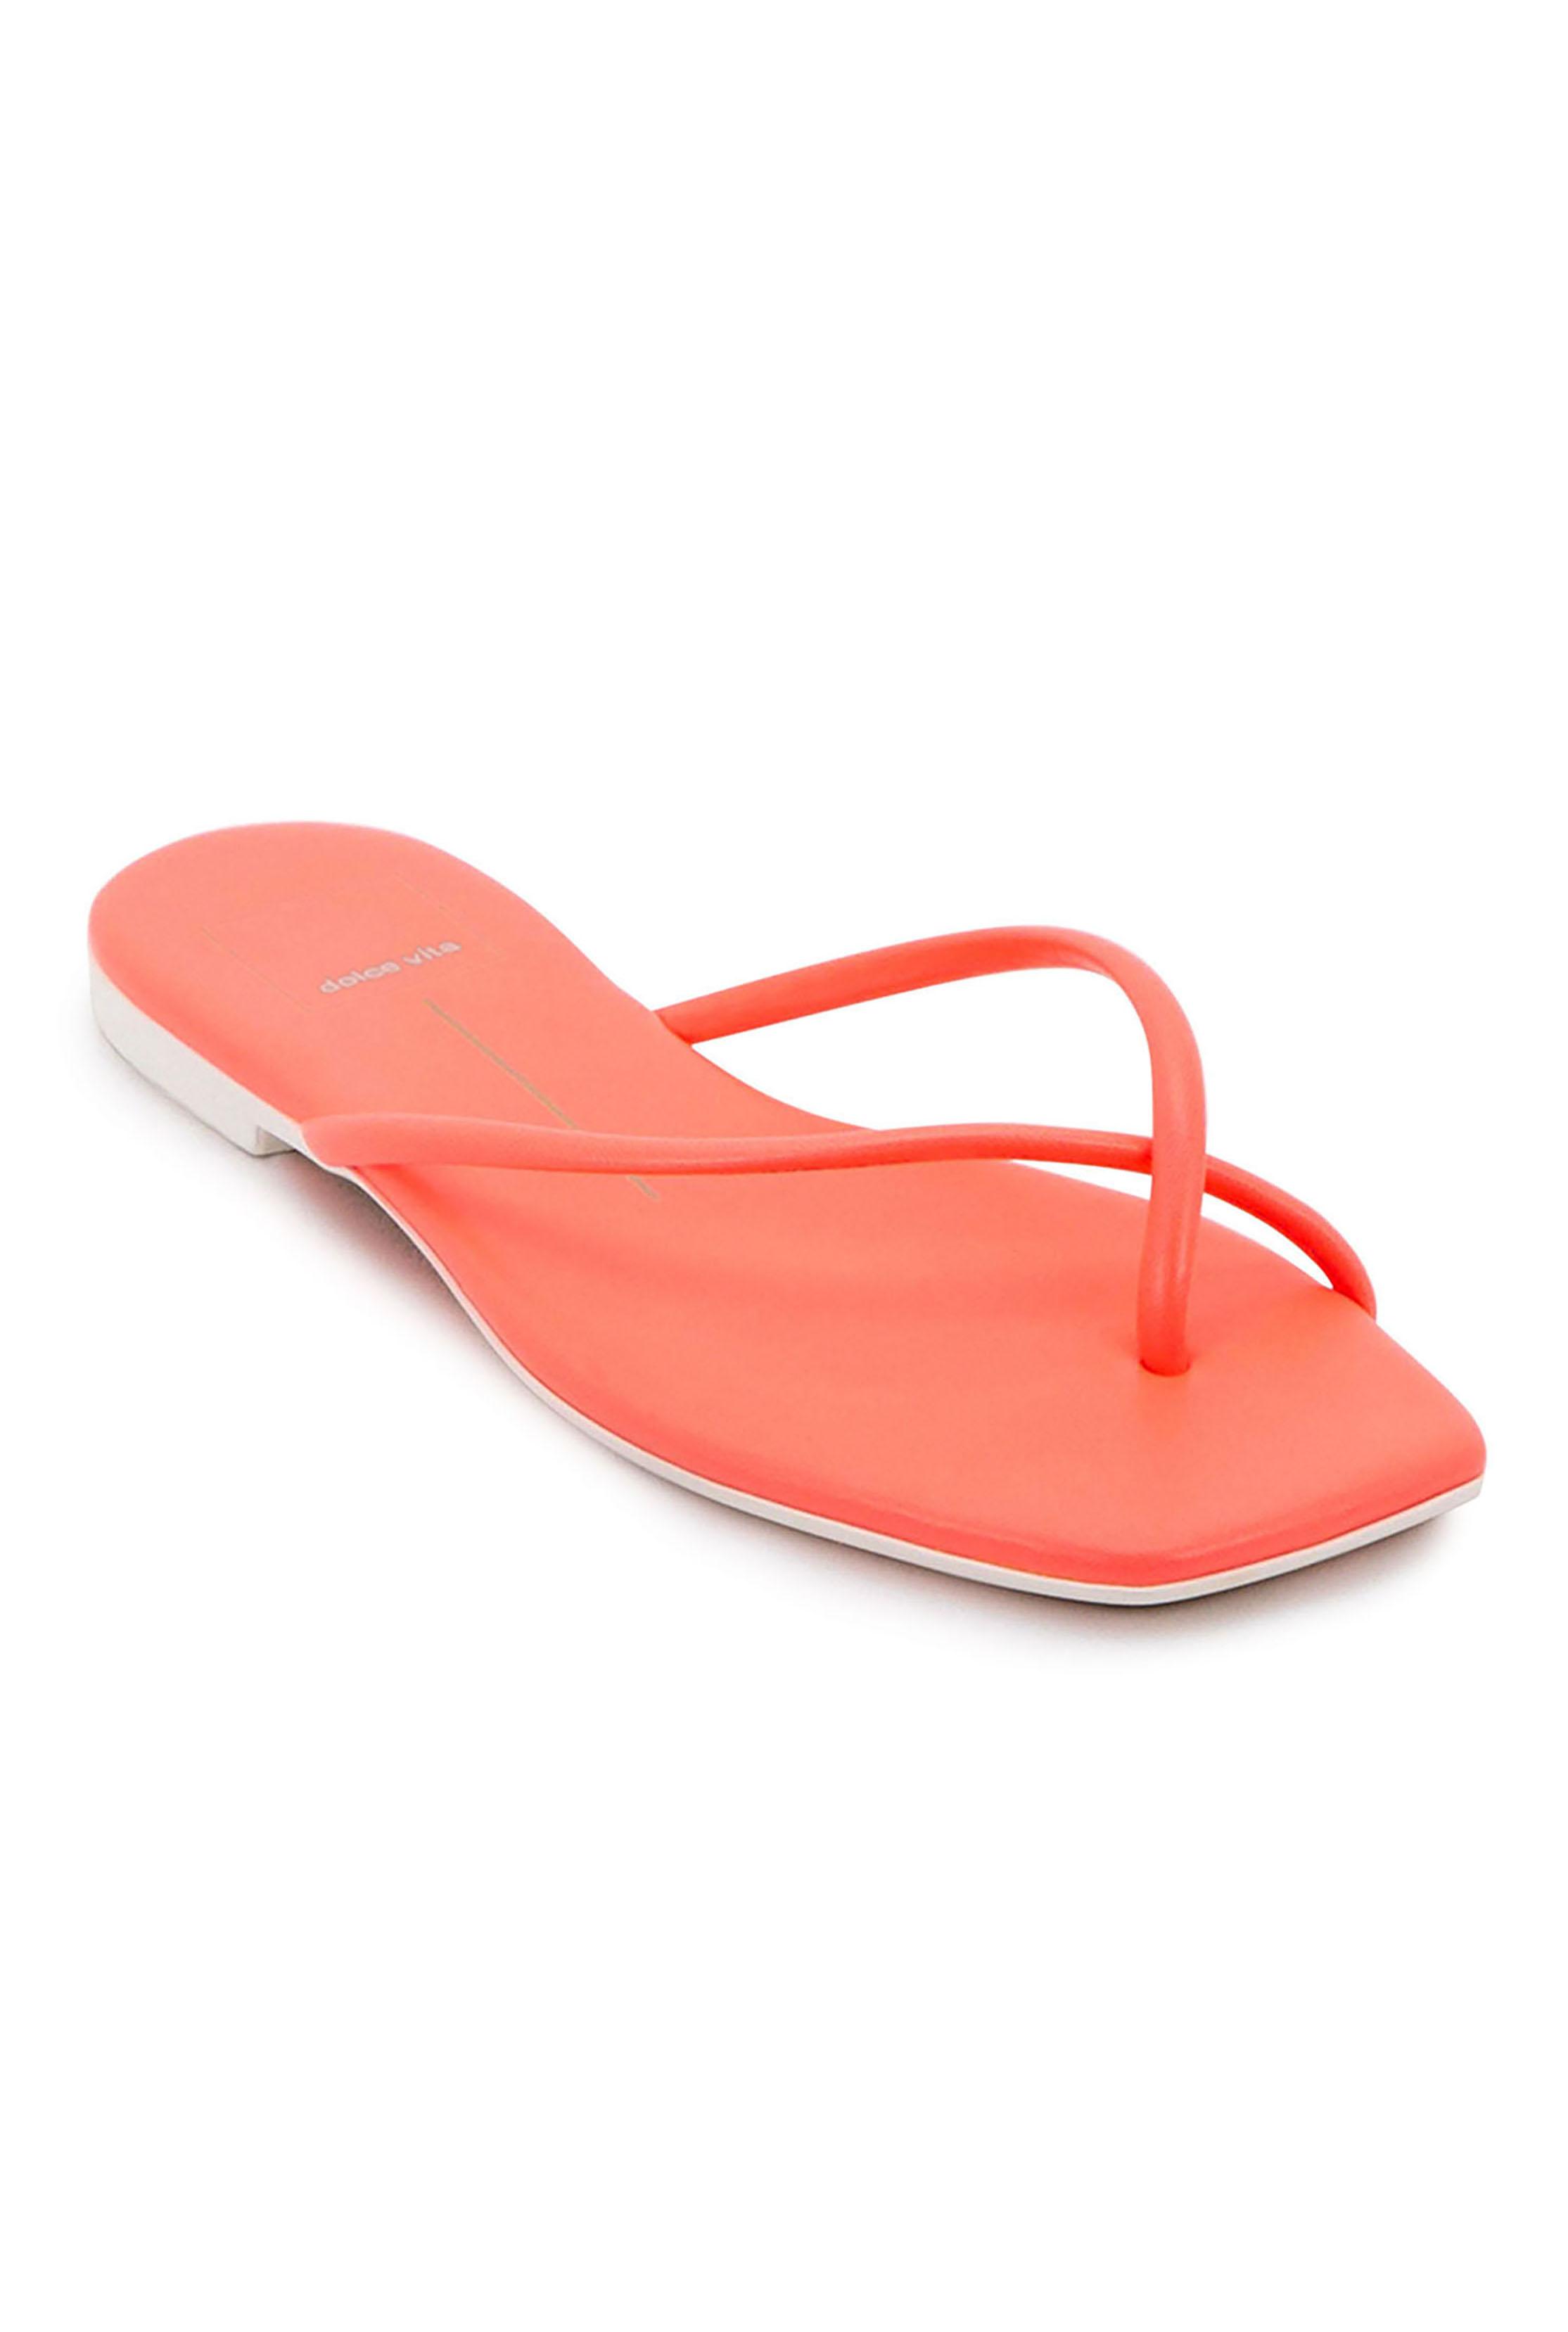 Dolce Vita Lyza Flip Flop Sandal